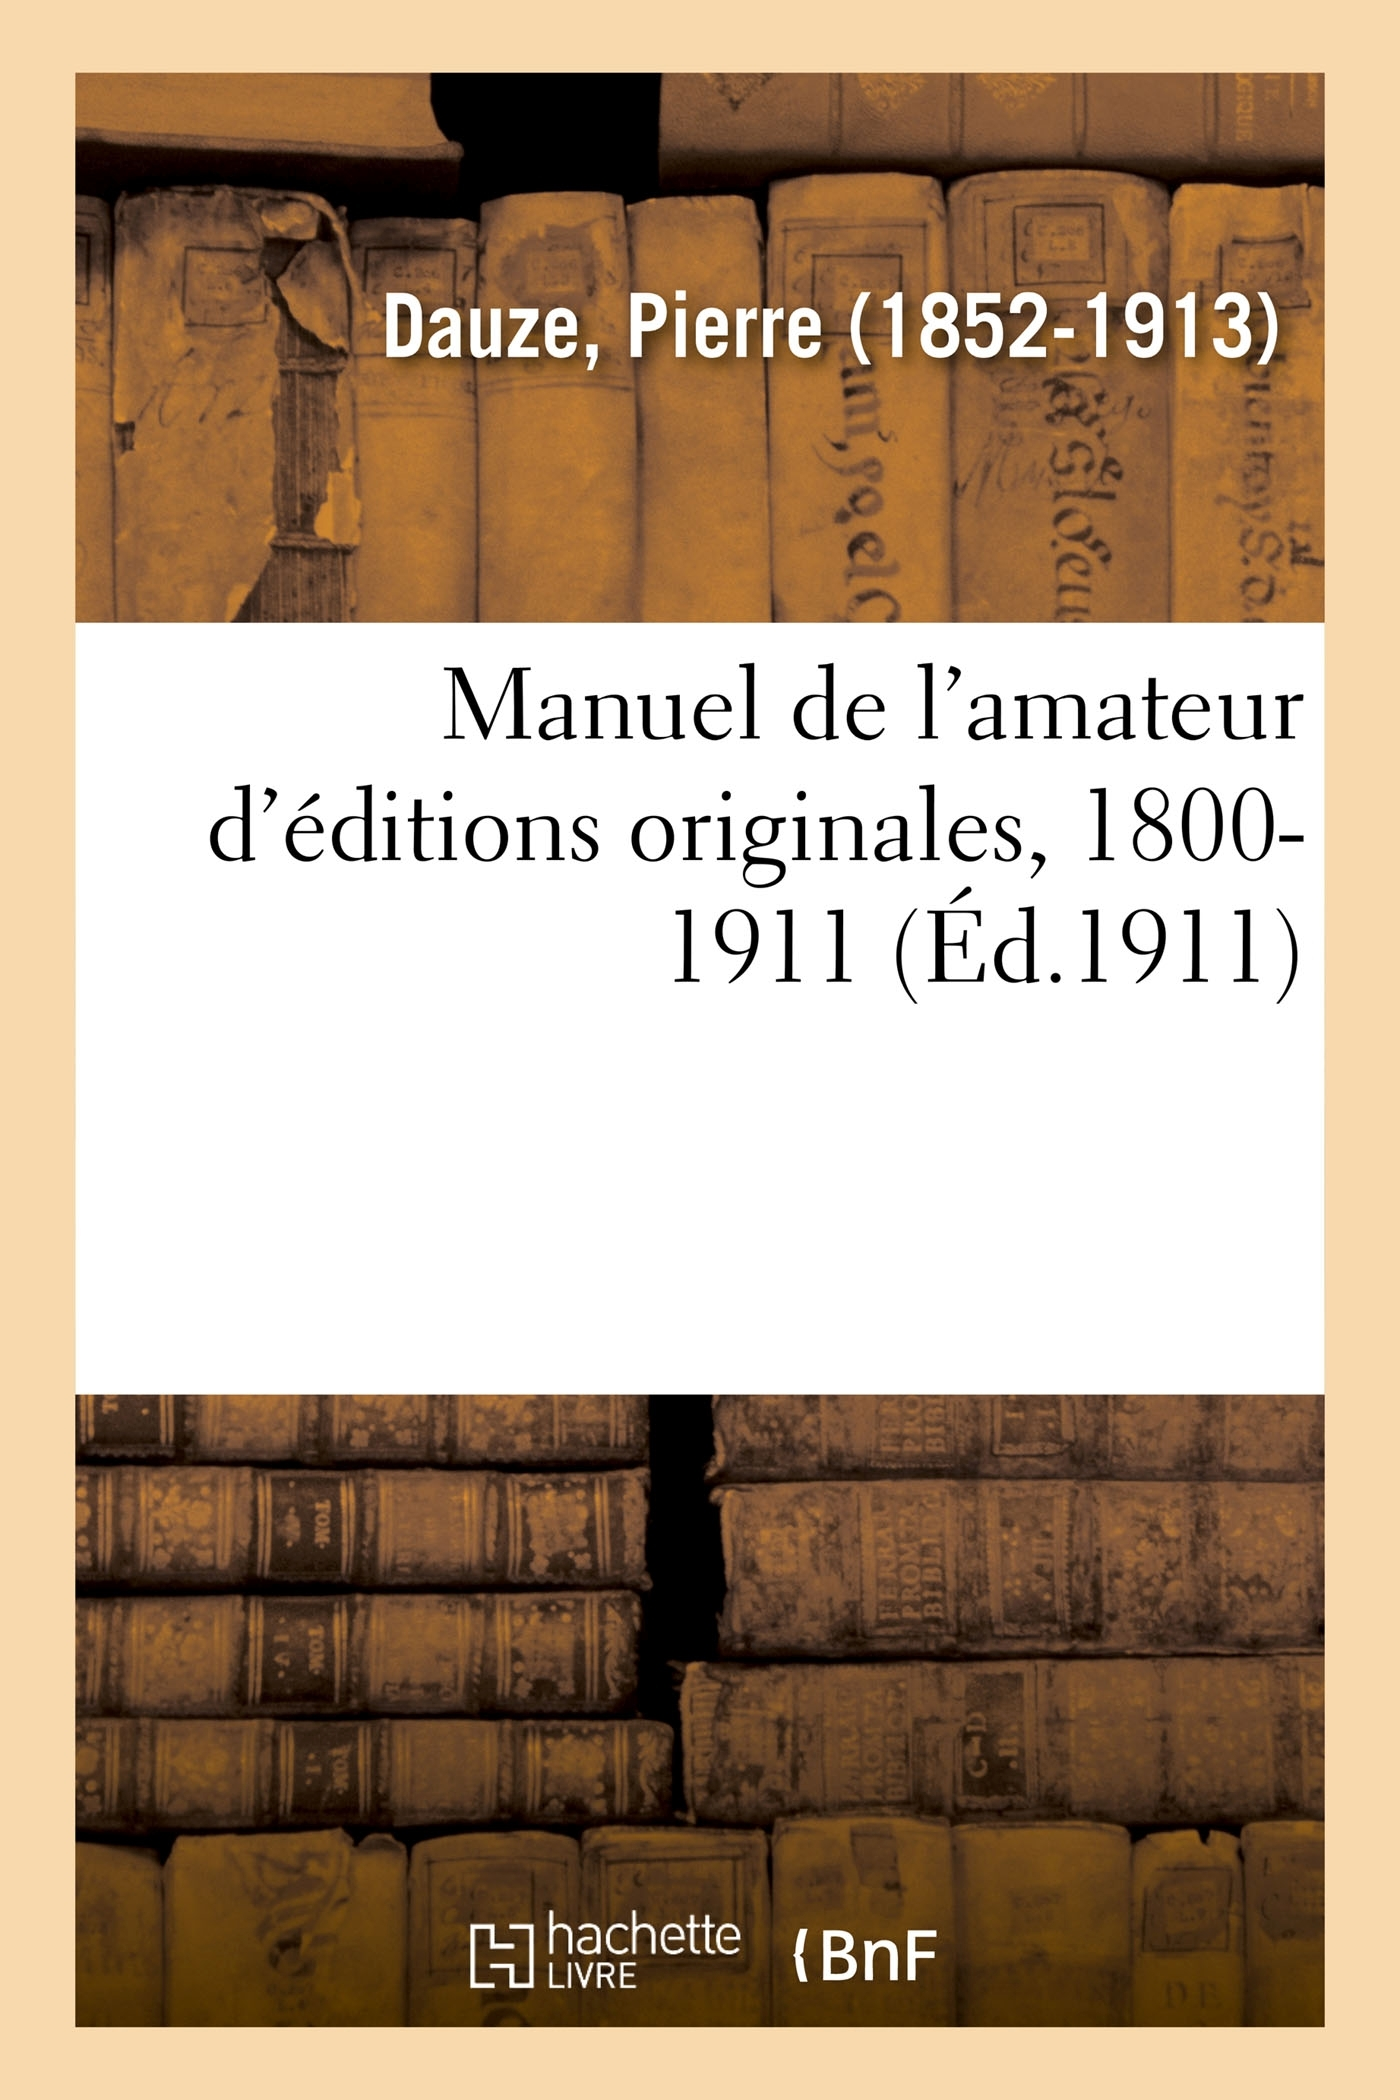 MANUEL DE L'AMATEUR D'EDITIONS ORIGINALES, 1800-1911